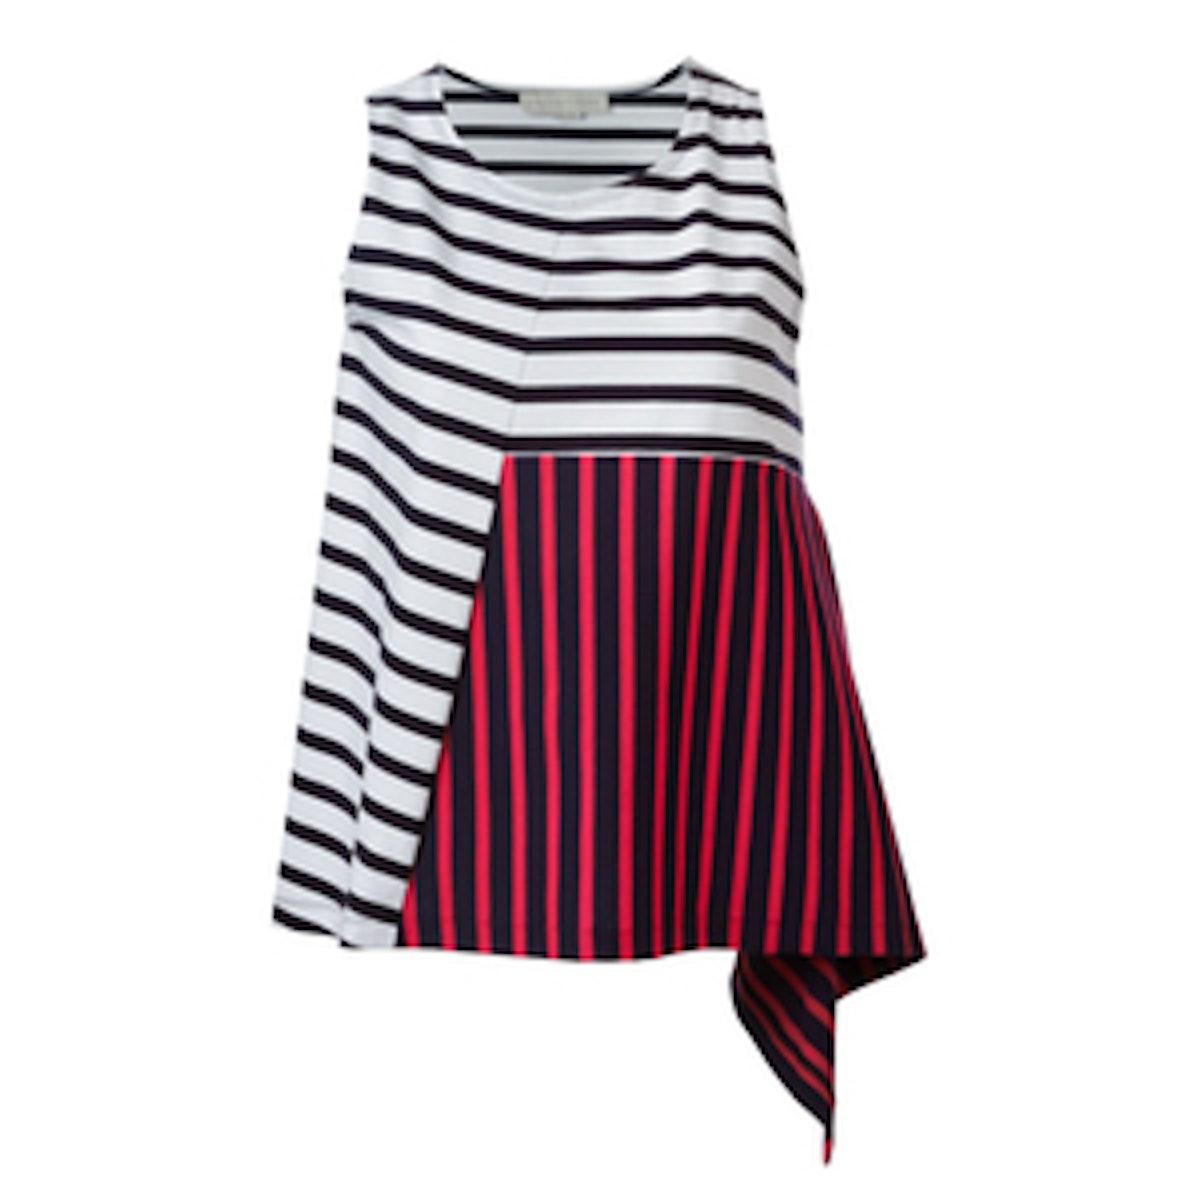 Asymmetric Stripe Top